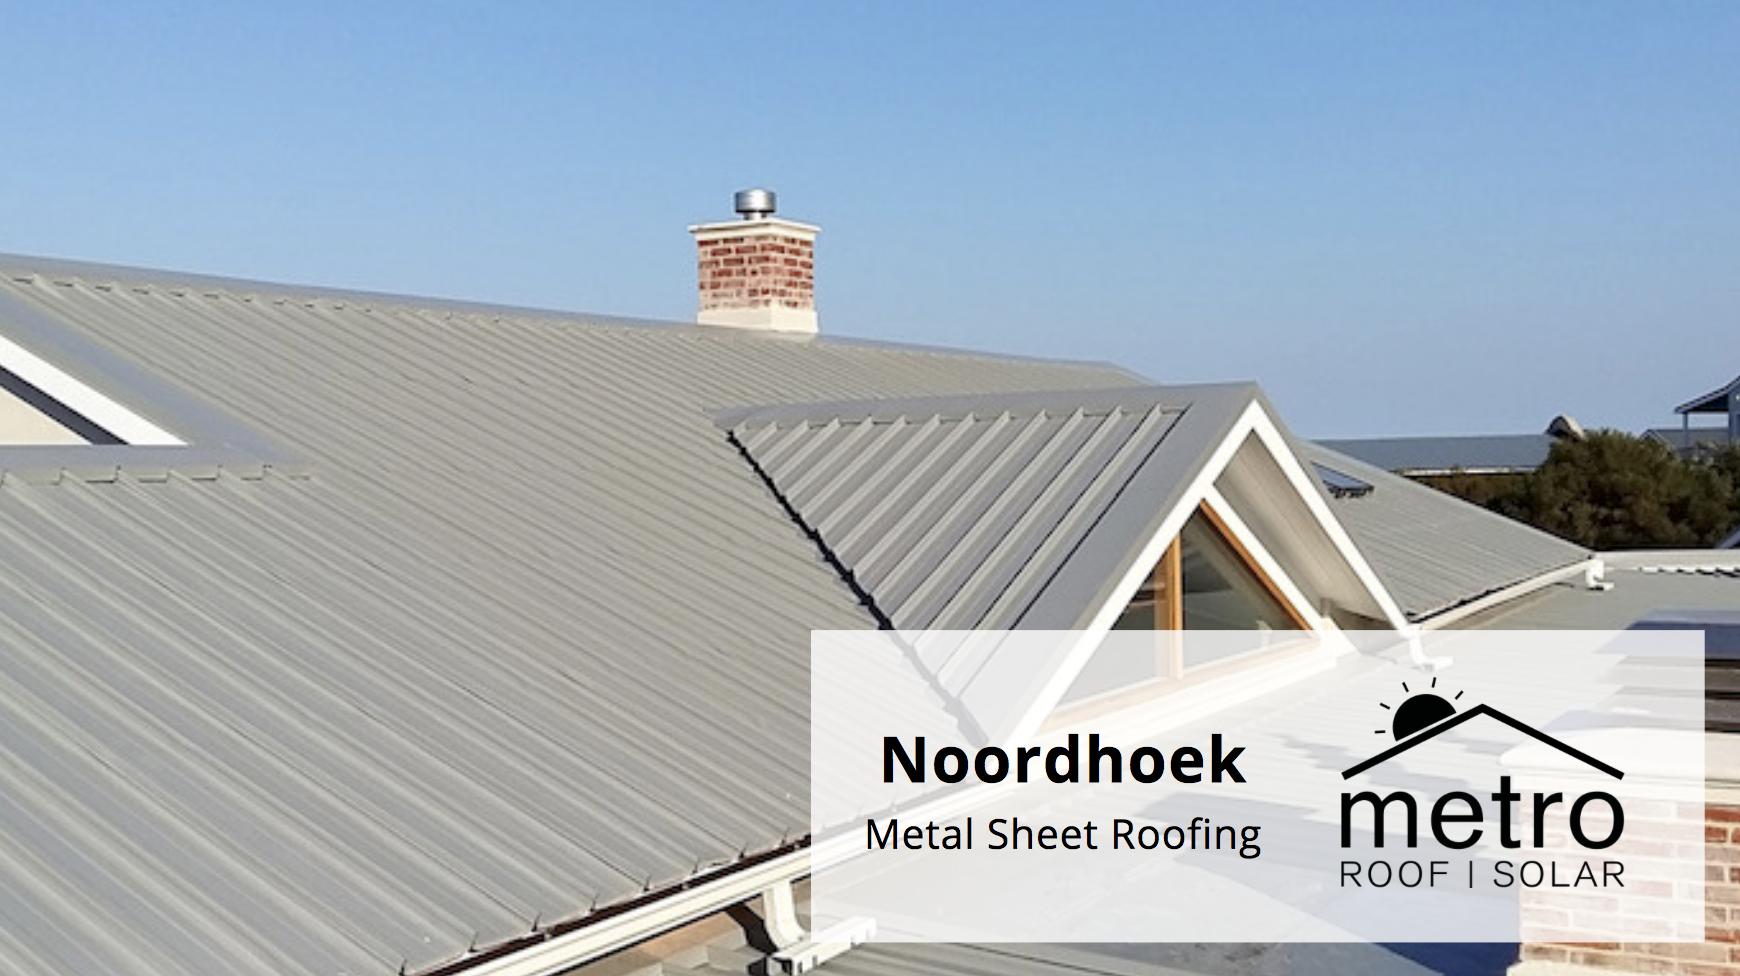 Metal Sheet Roofing in Noordhoek